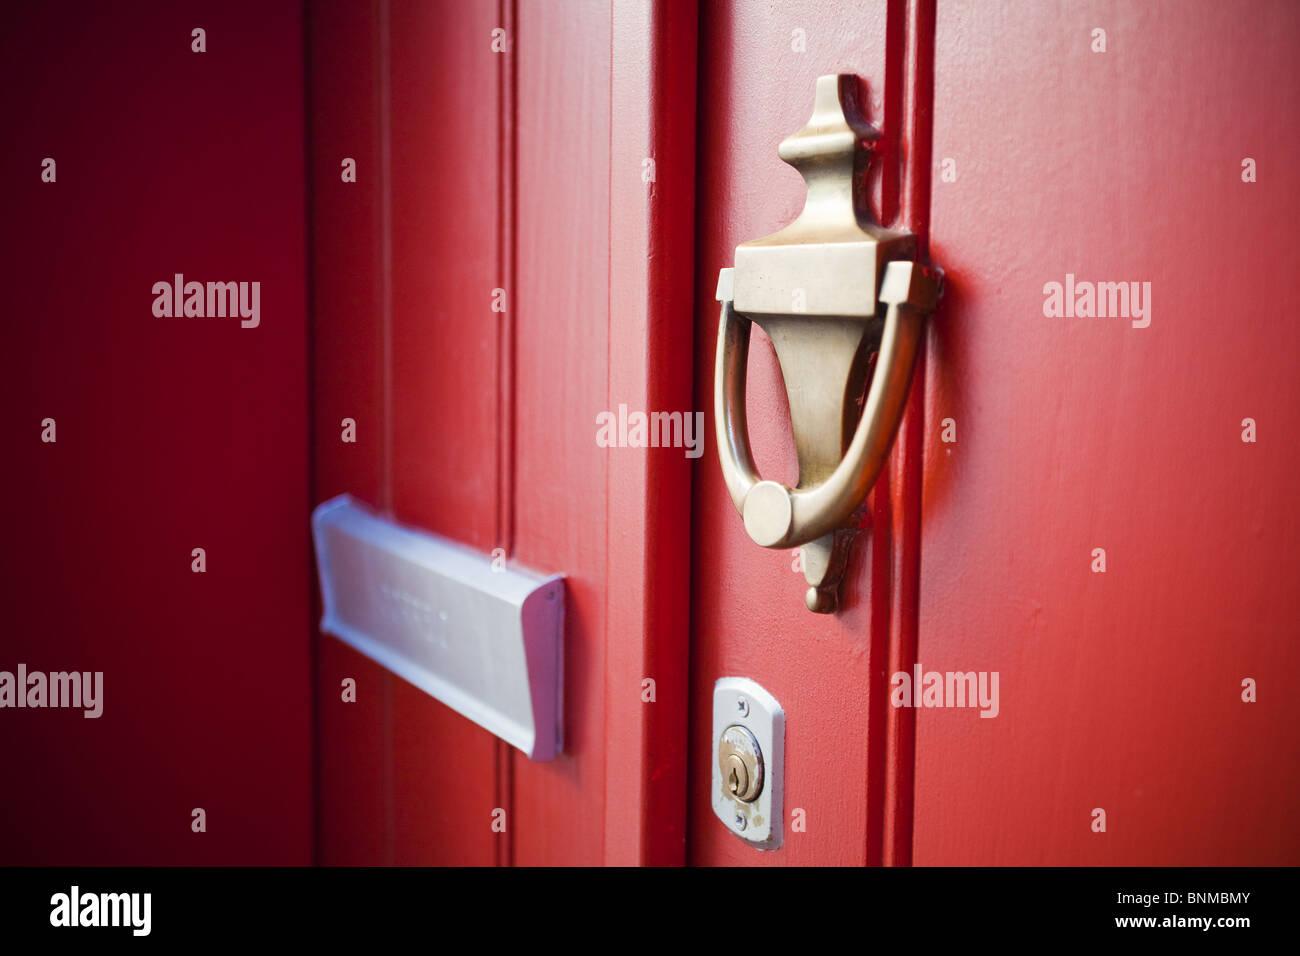 Door Knob Stock Photos & Door Knob Stock Images - Alamy